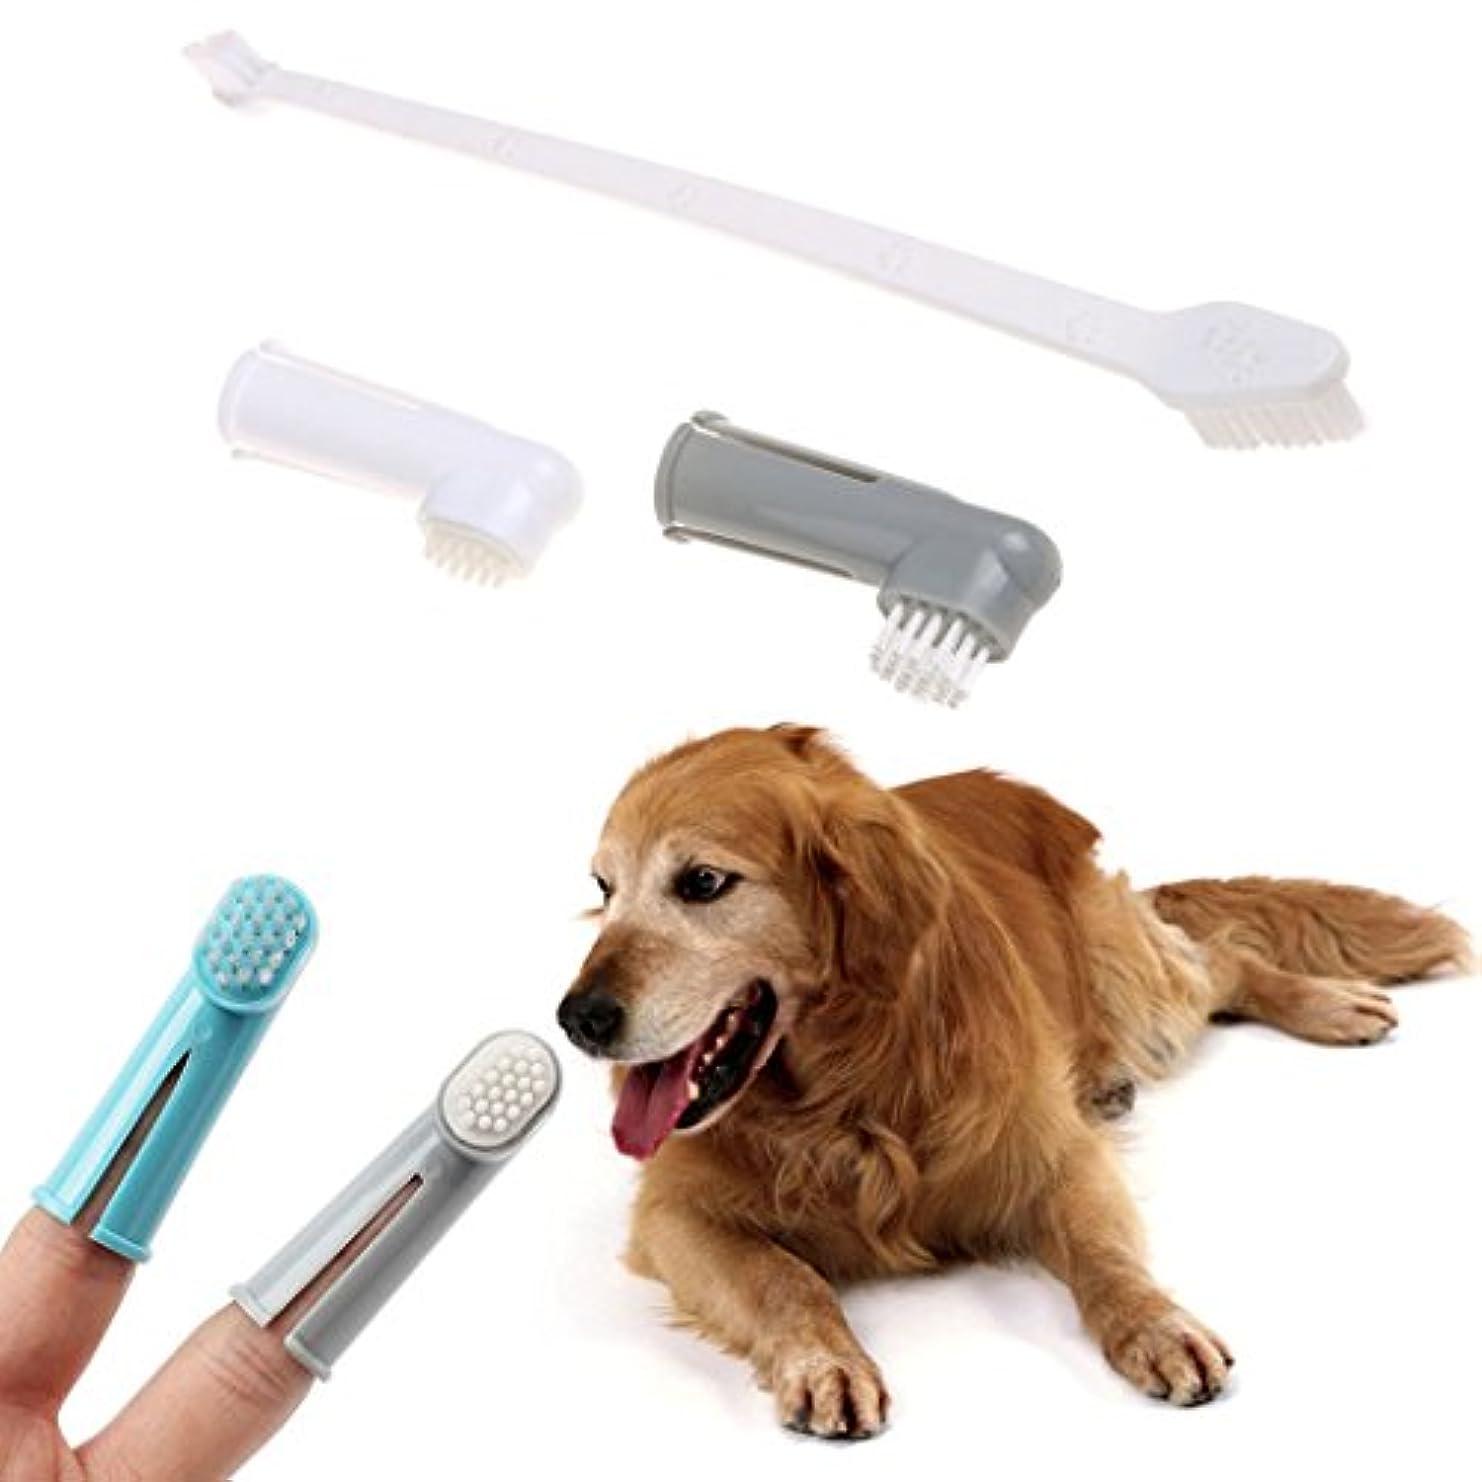 はっきりしないひねくれた不機嫌Legendog ペットの歯ブラシ 犬用歯ブラシ 指歯 ブラシ 歯磨き ペット歯ケア用品 カラフル 3ピースセット(合計9個)